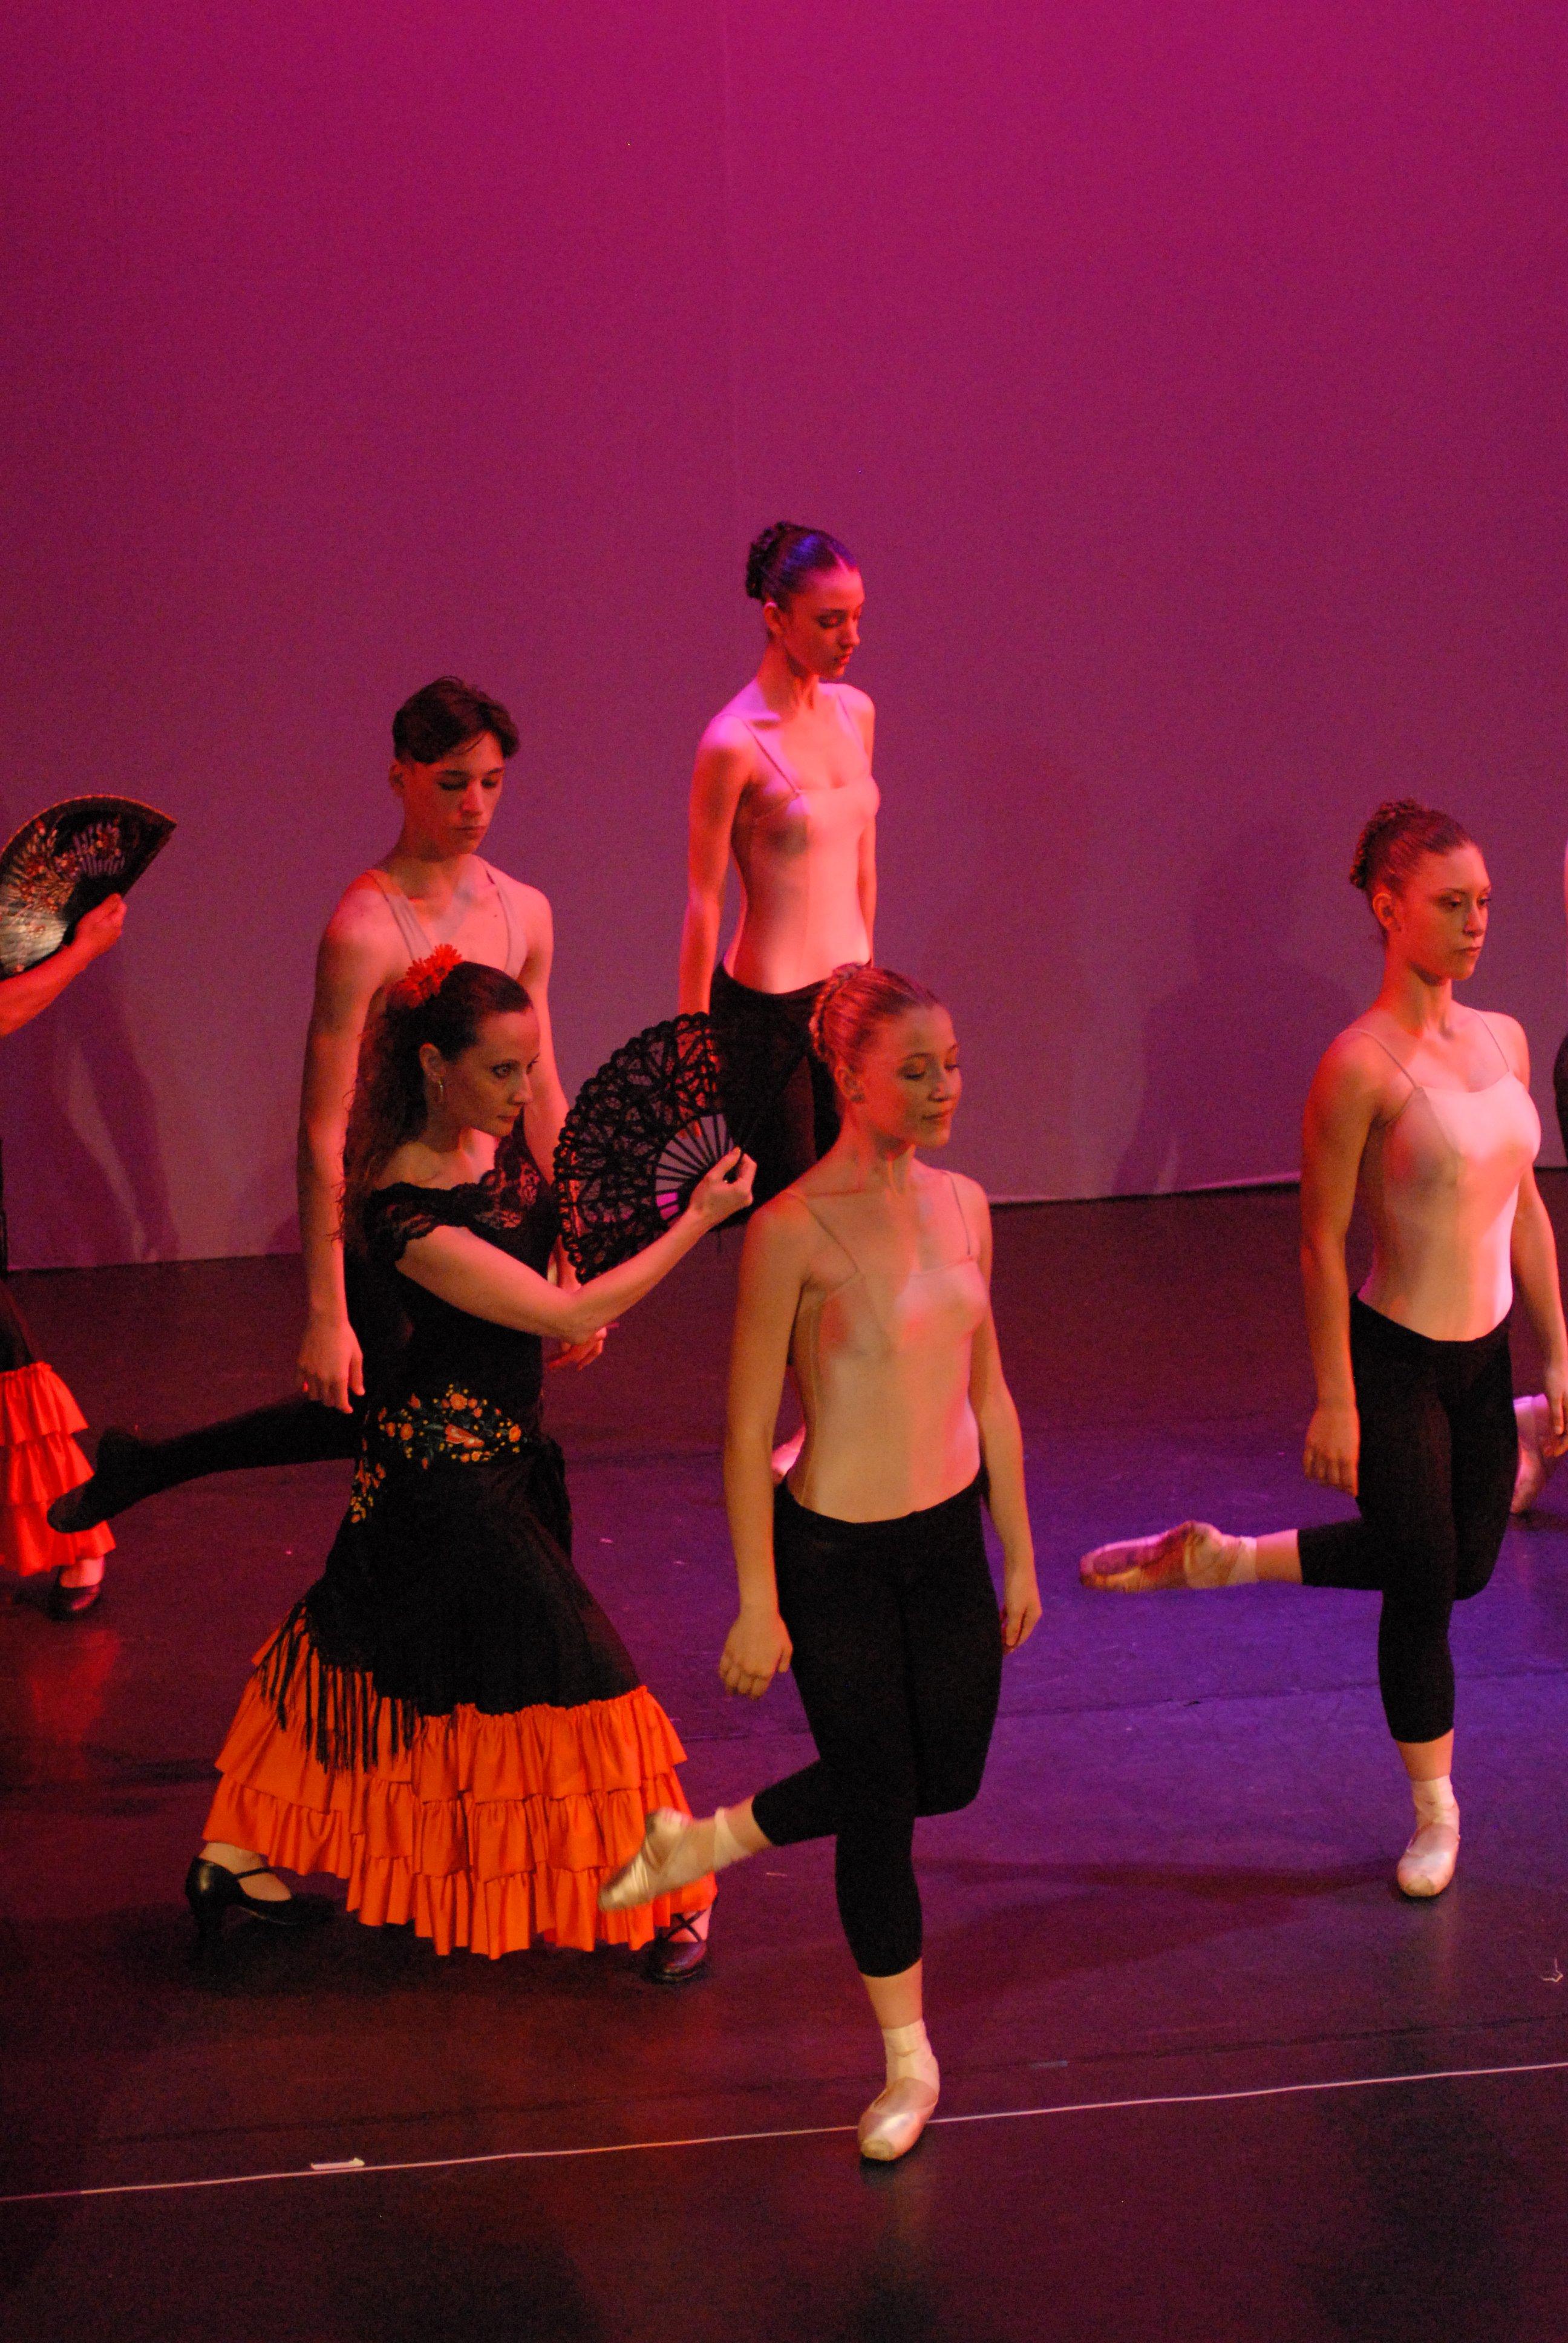 delle ragazze e un ragazzo in posa di danza e una donna vestita di nero con un ventaglio